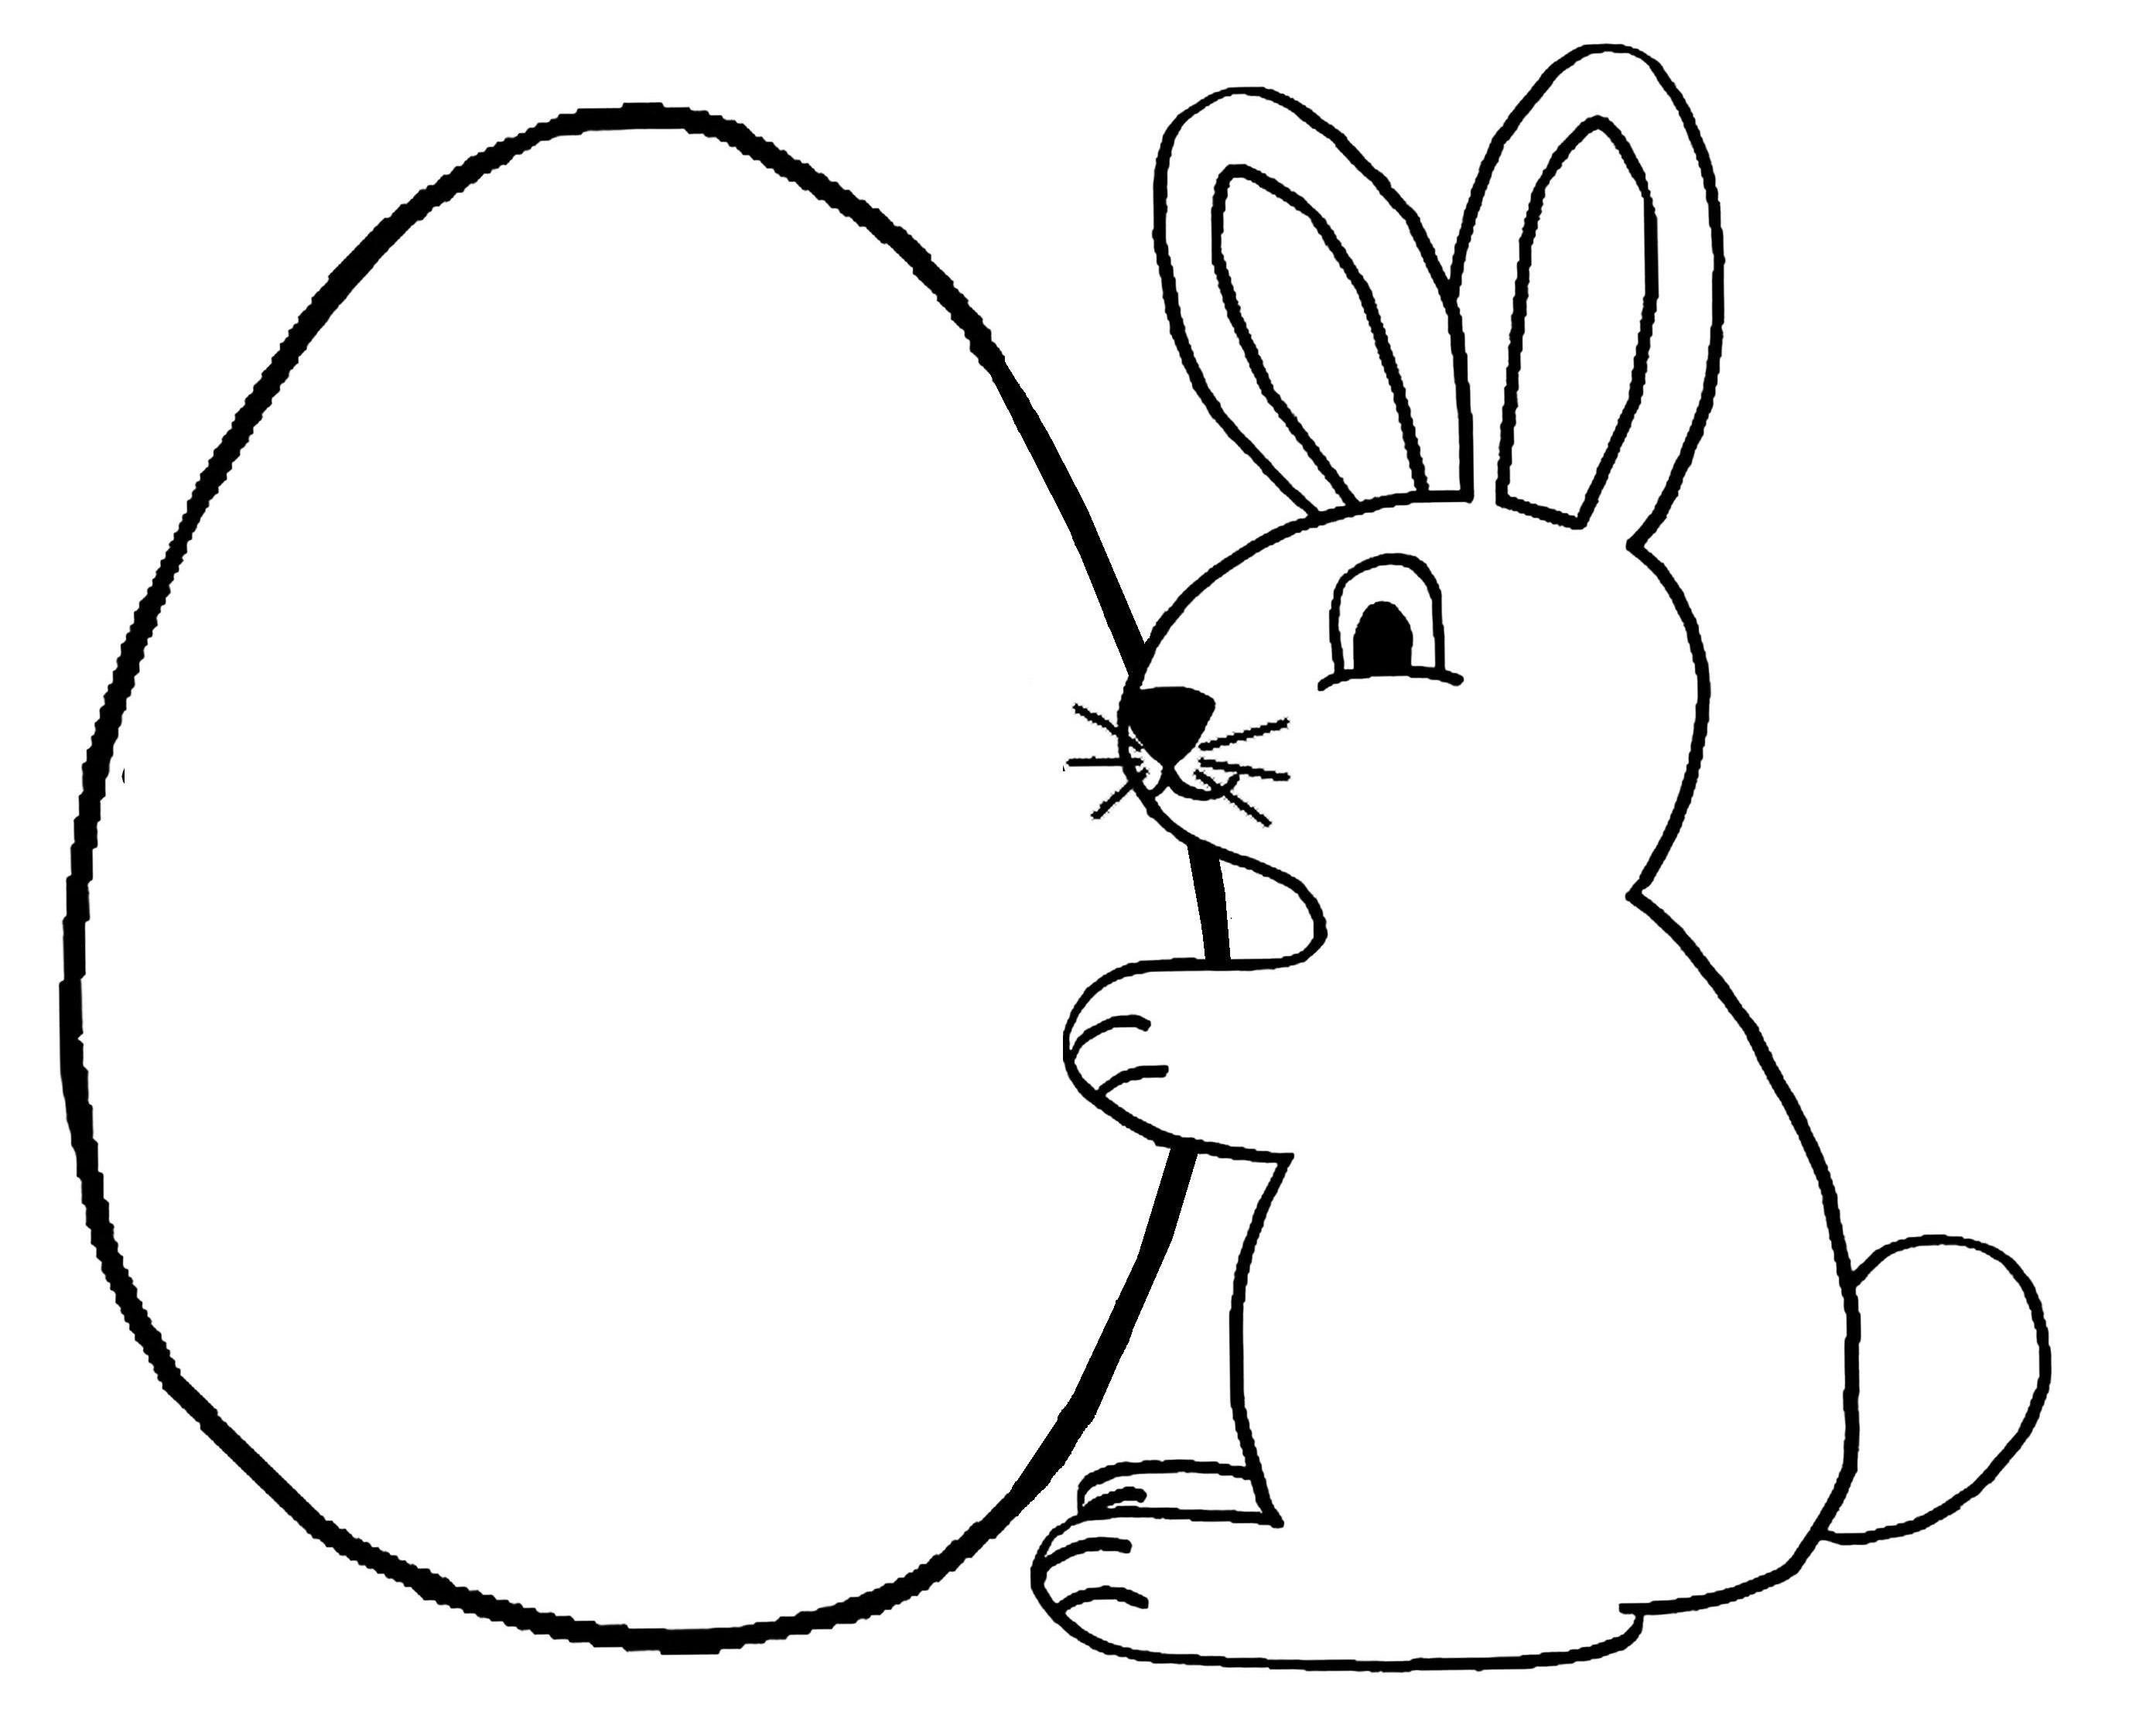 Dibujos Animados Para Colorear: 128 Dibujos De Conejos Para Colorear